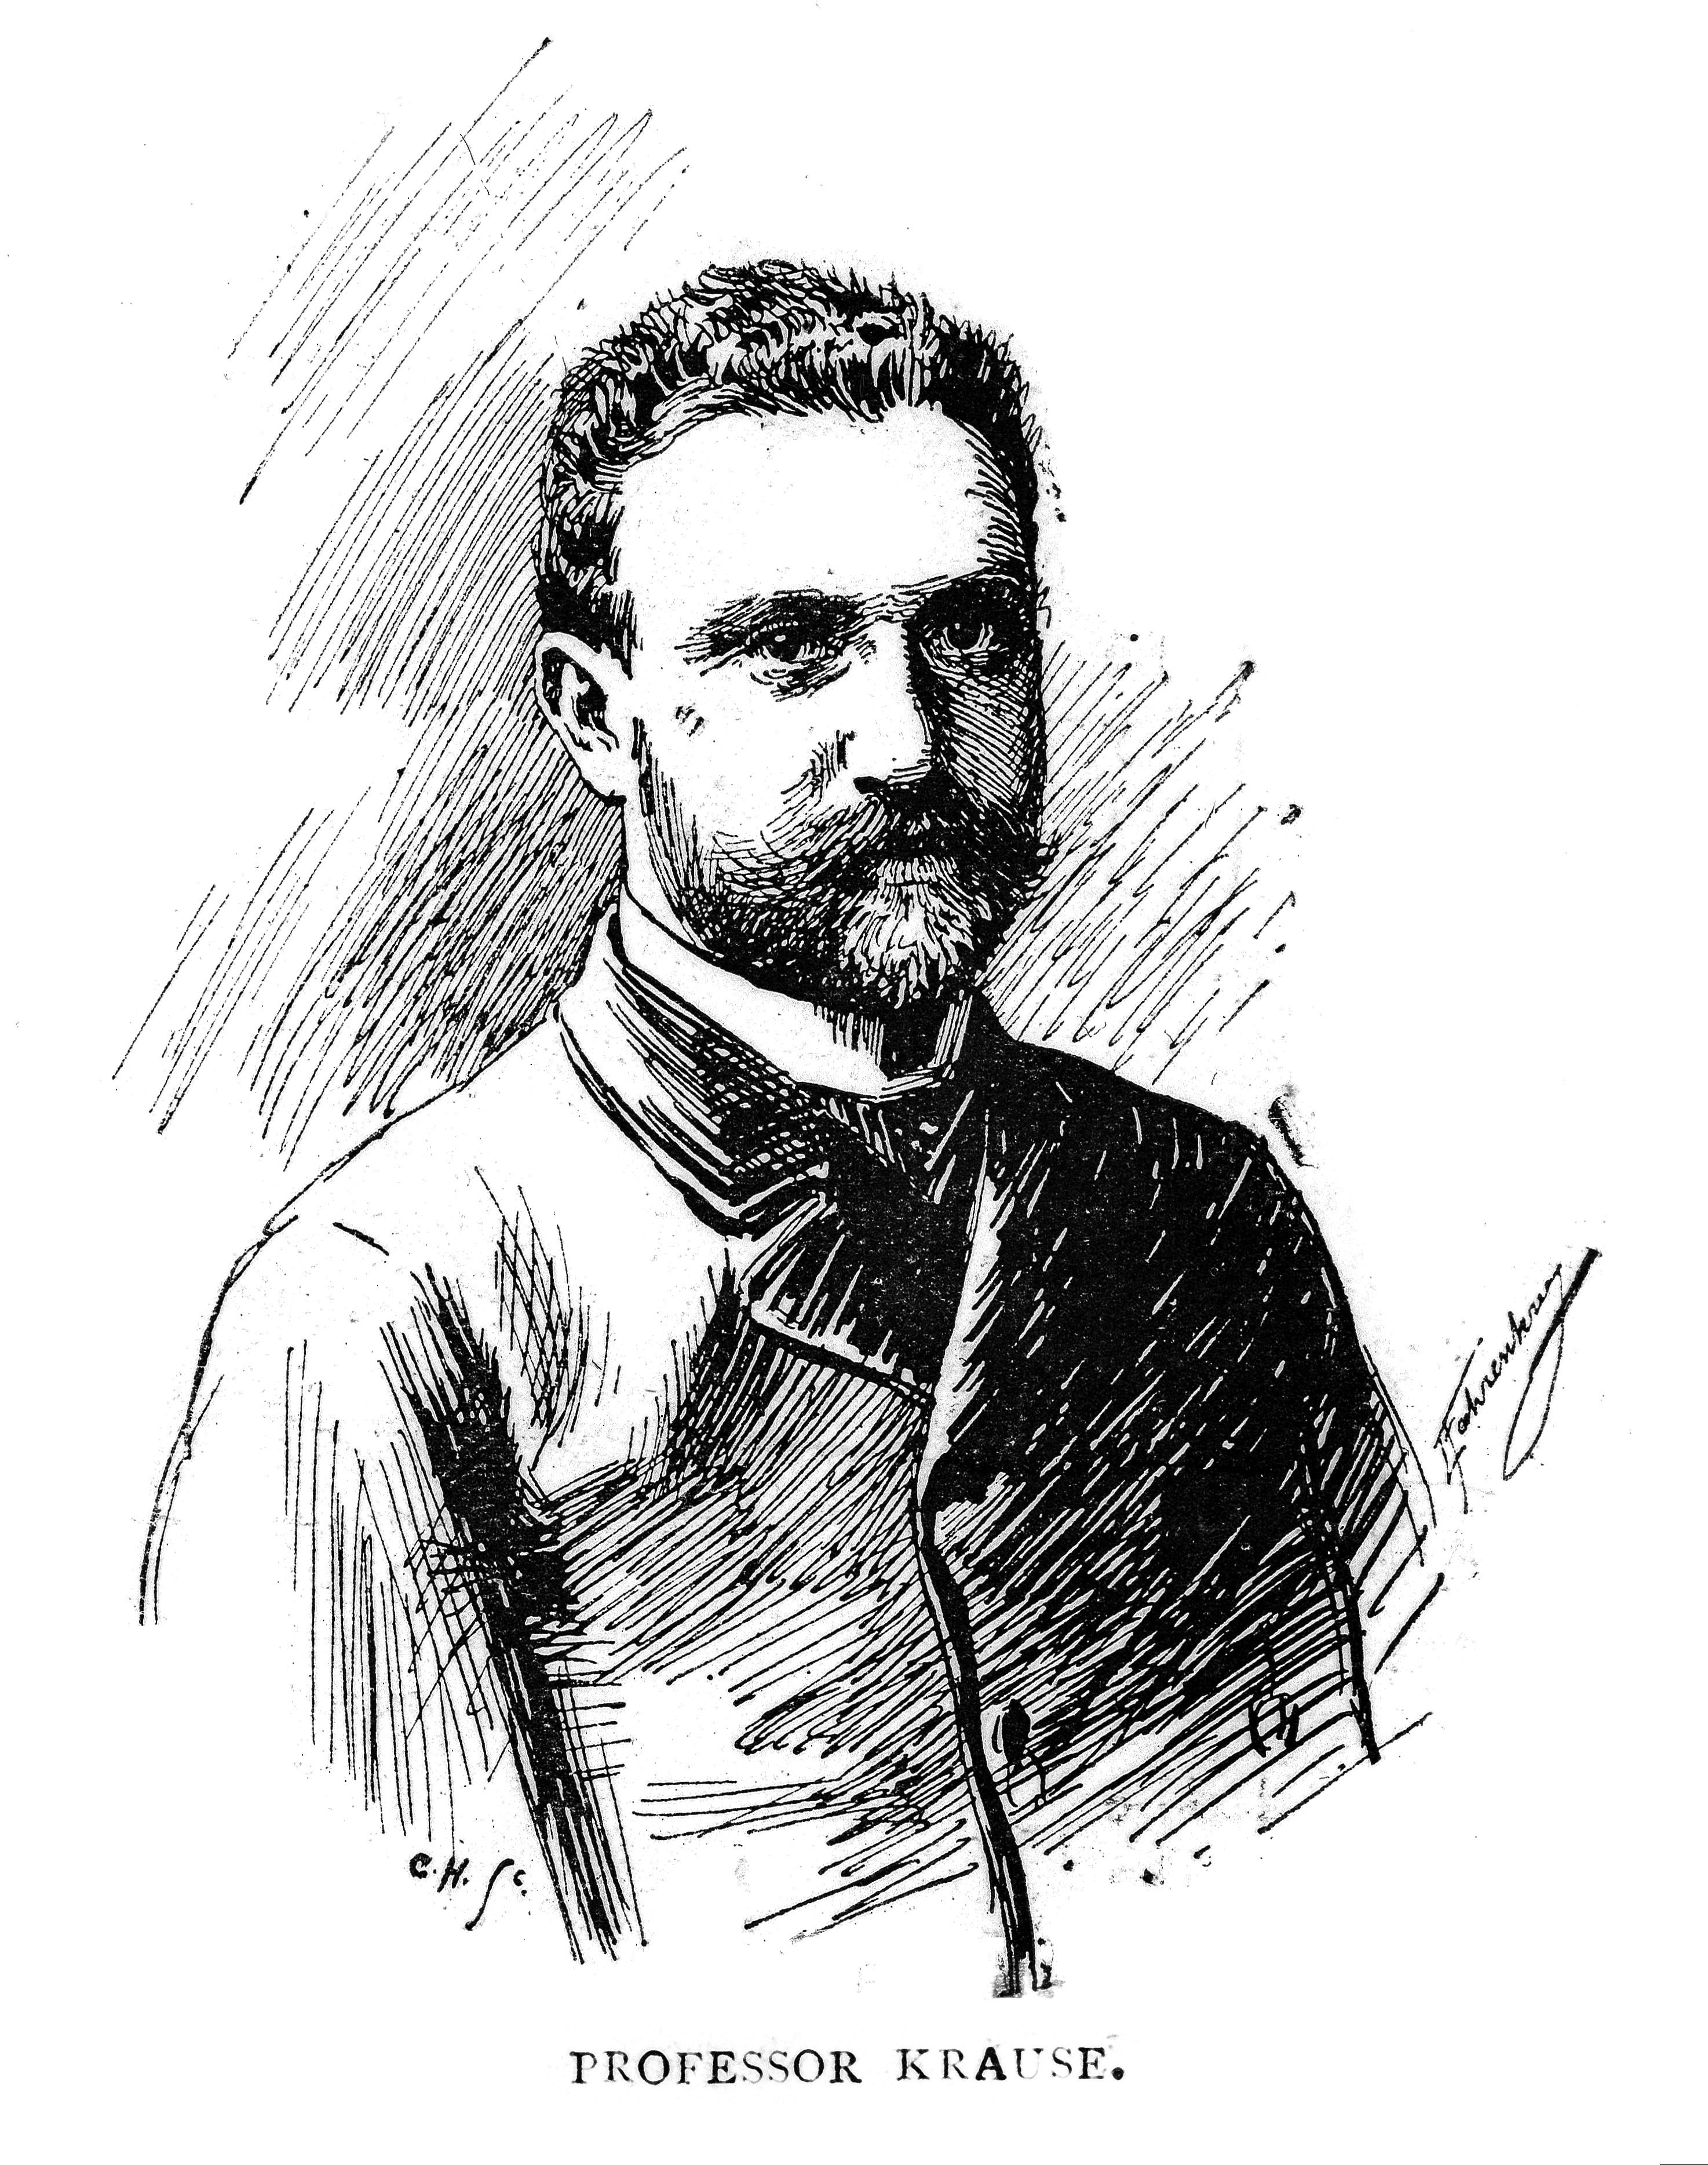 Fedor Krause (1857&ndash&#x3B;1937)